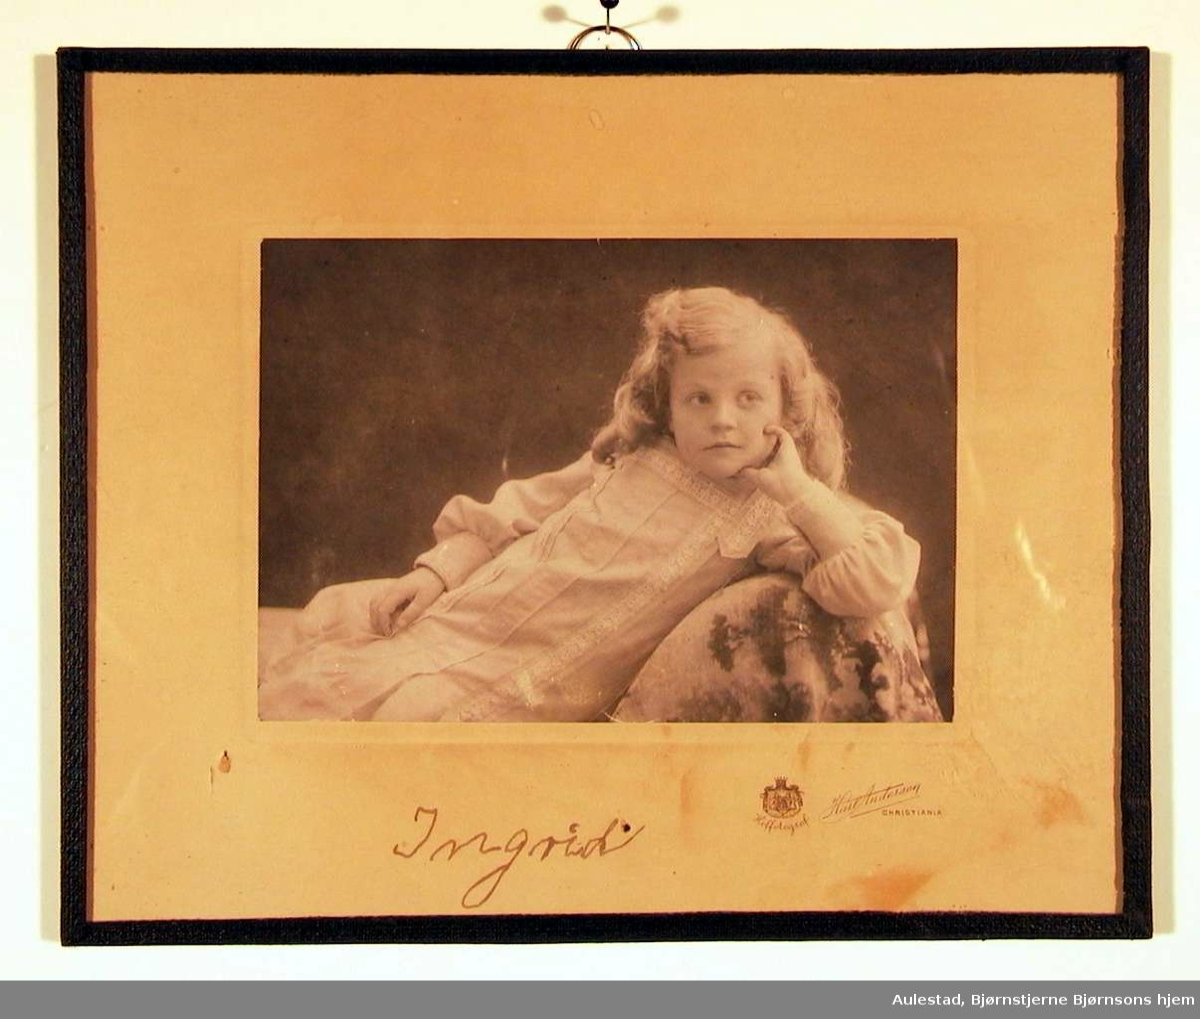 Barneportrett av stor pike liggende henslengt på divan- sofa med den ene hånden under kinnet.